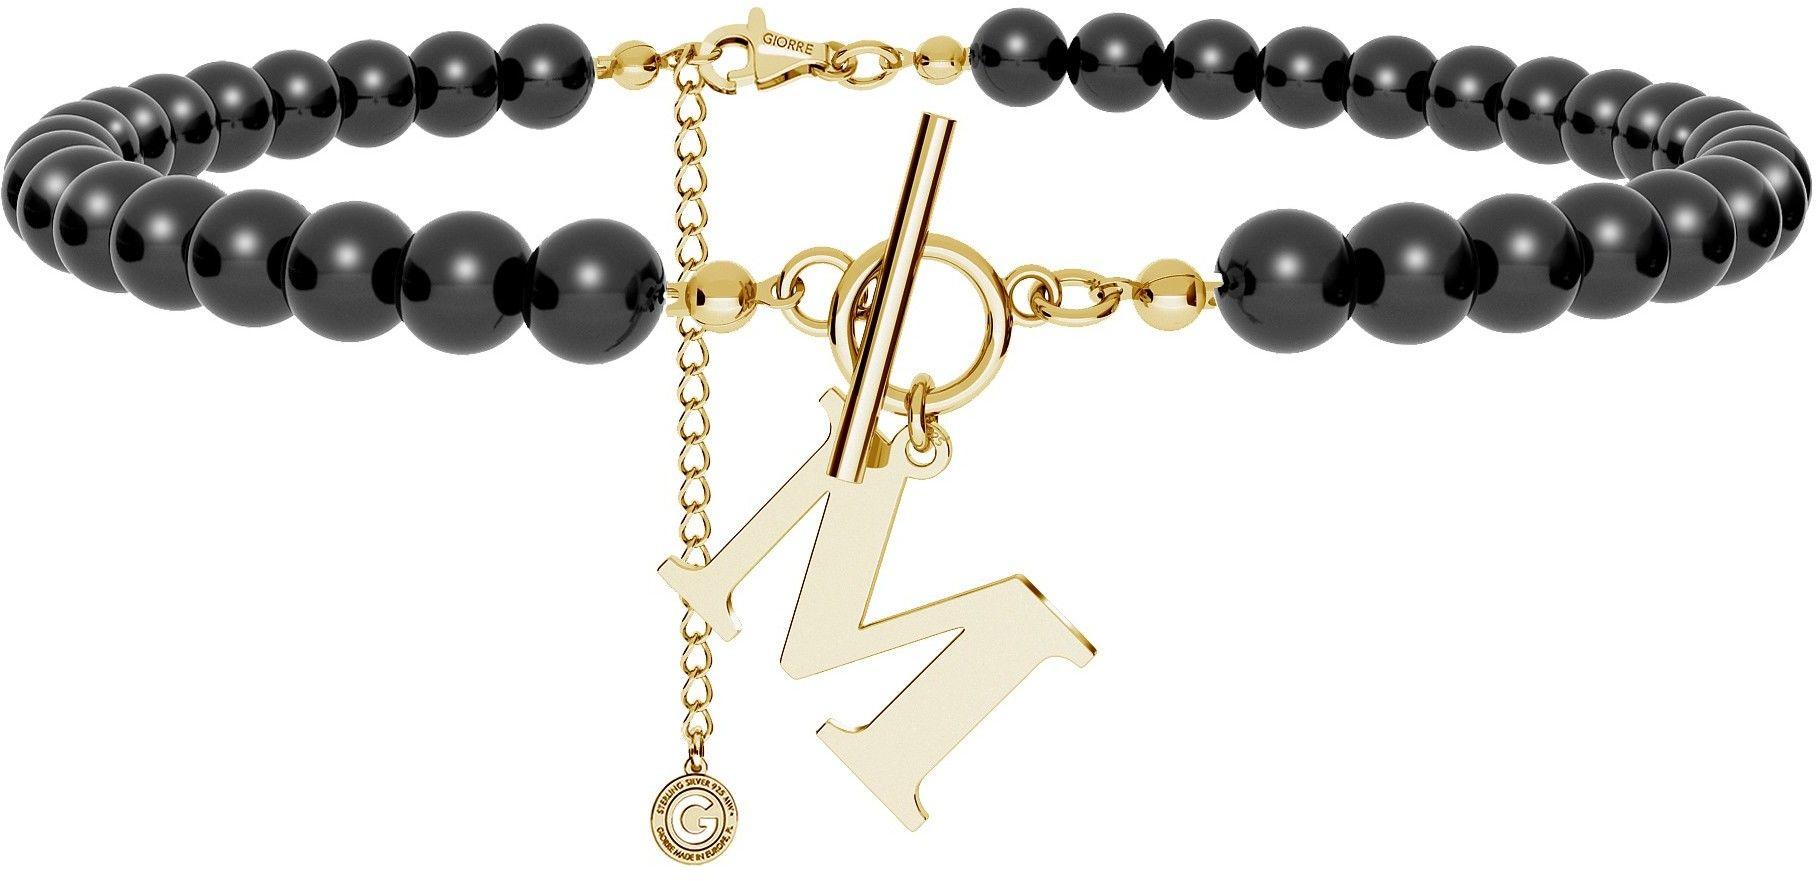 Czarny perłowy choker z dowolną literą, Swarovski, srebro 925 : Litera - P, Srebro - kolor pokrycia - Pokrycie żółtym 18K złotem